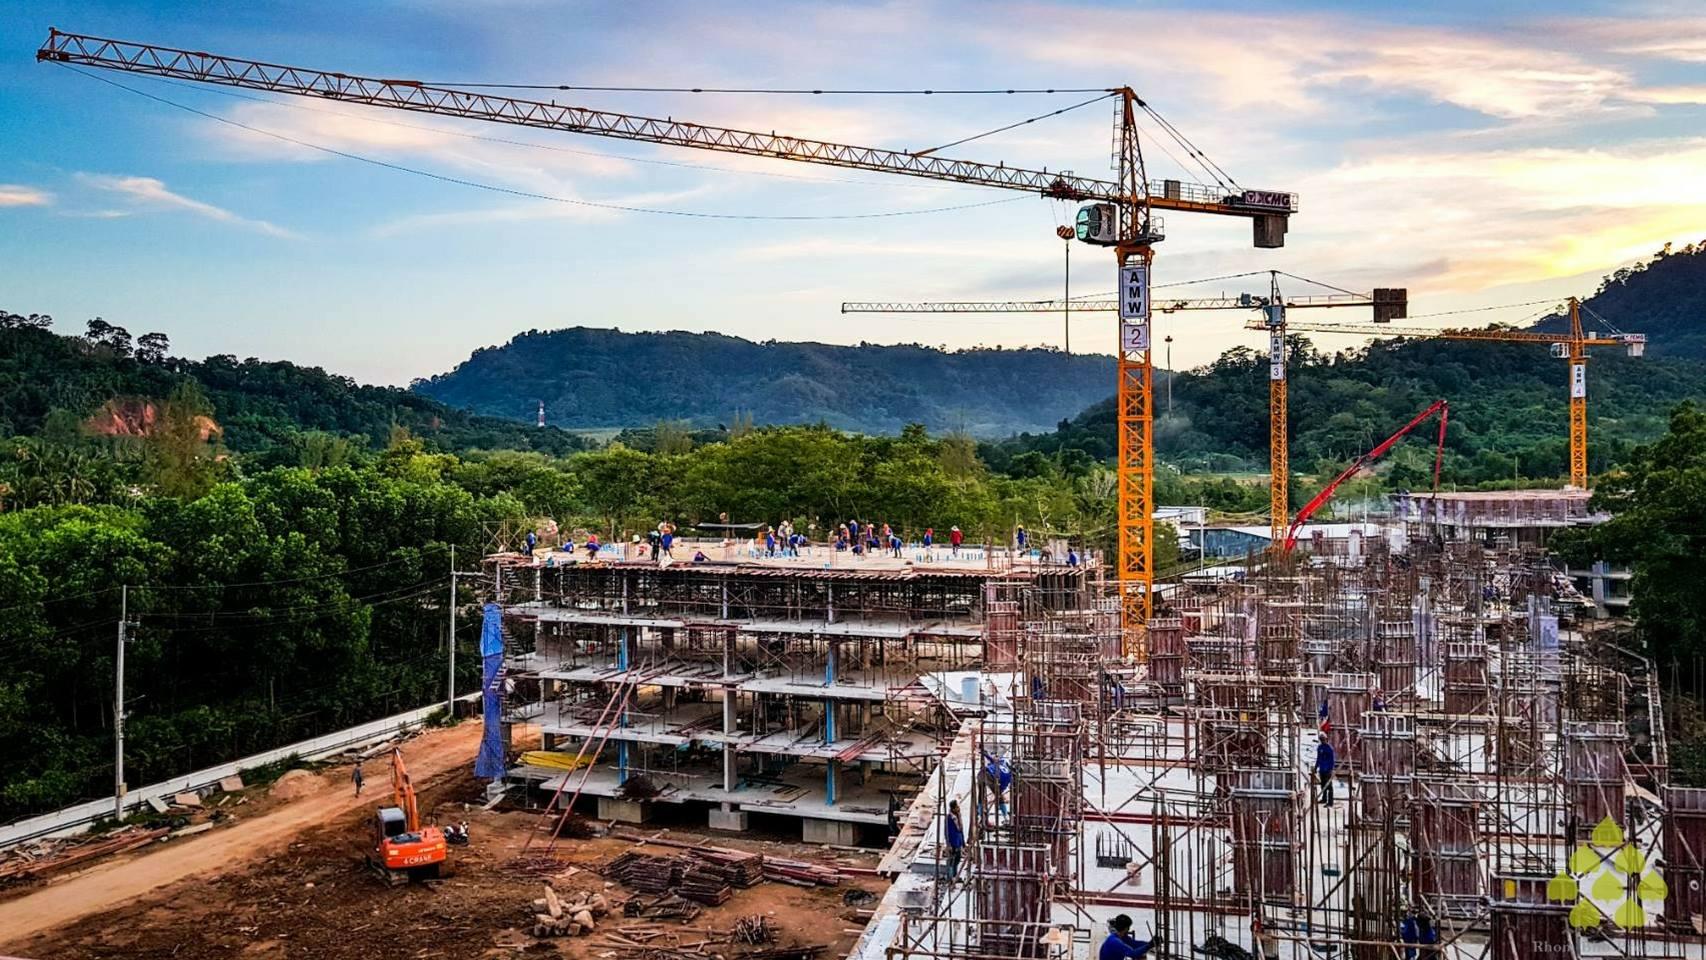 строительство жк тайтл най янг Пхукет